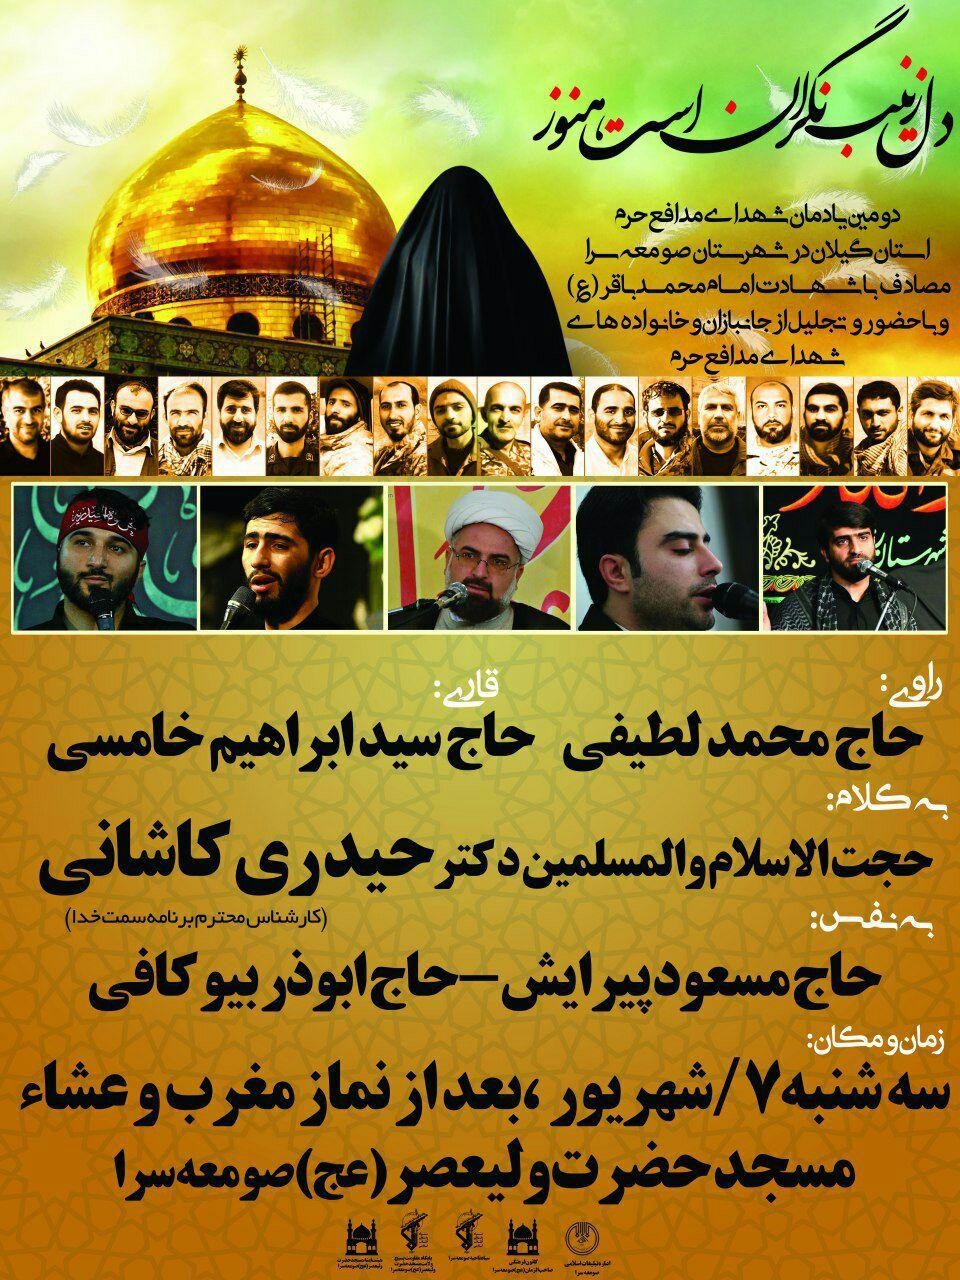 دومین یادمان شهدای مدافع حرم استان گیلان در صومعه سرابرگزار می شود+پوستر